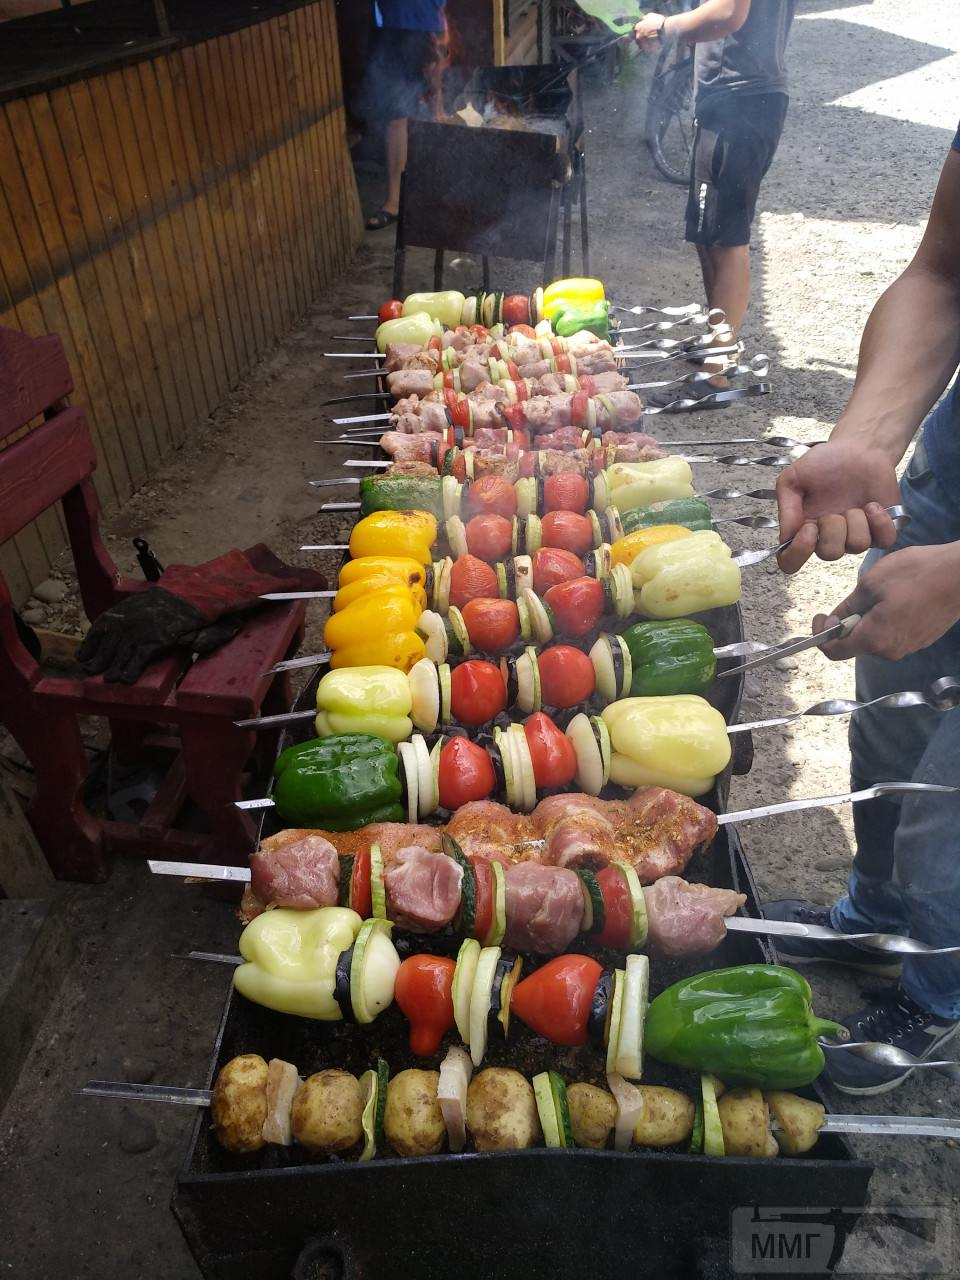 107224 - Закуски на огне (мангал, барбекю и т.д.) и кулинария вообще. Советы и рецепты.